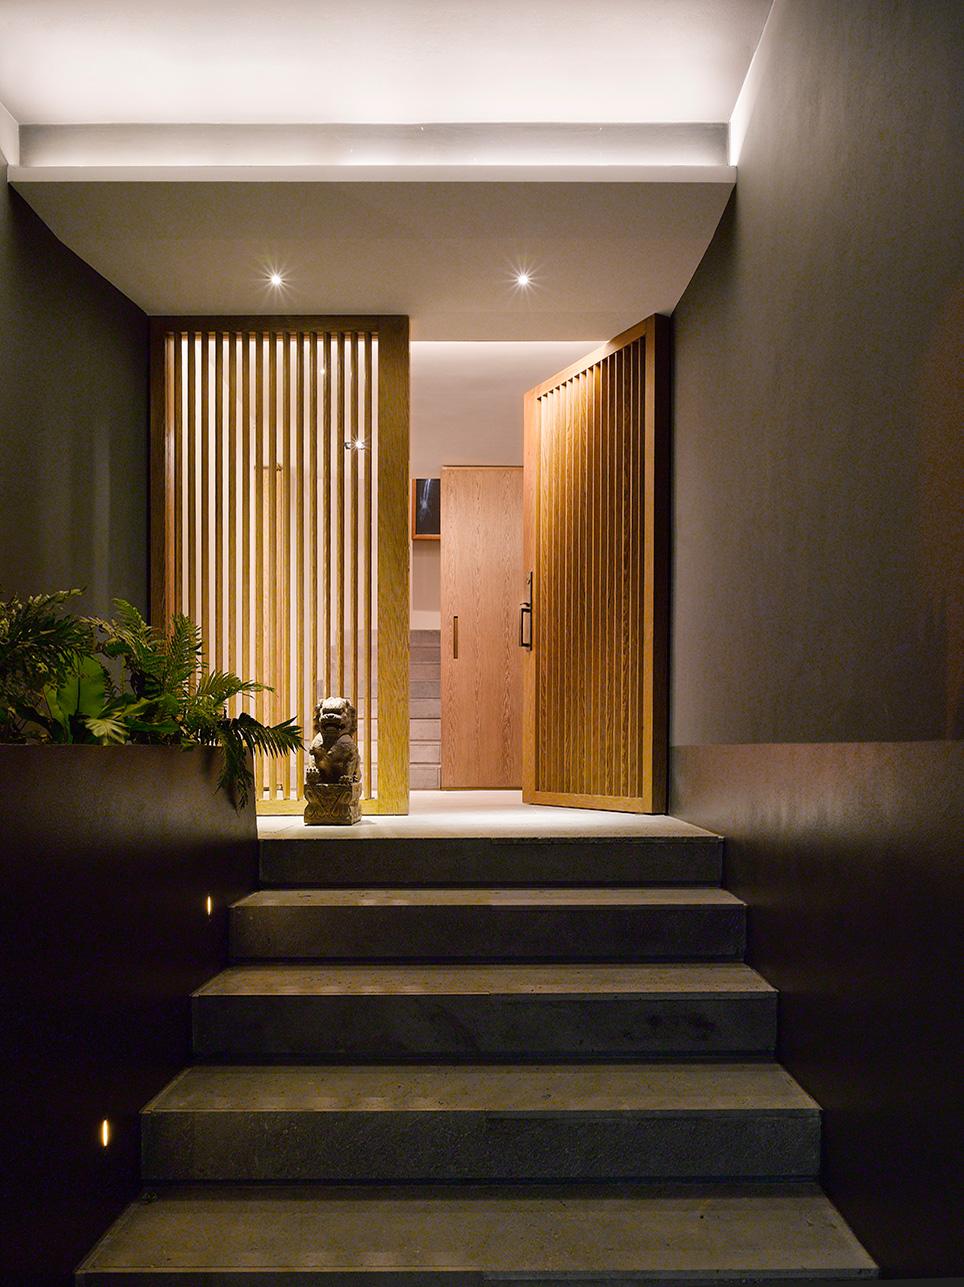 Barrancas House by EZEQUIELFARCA architecture design-04